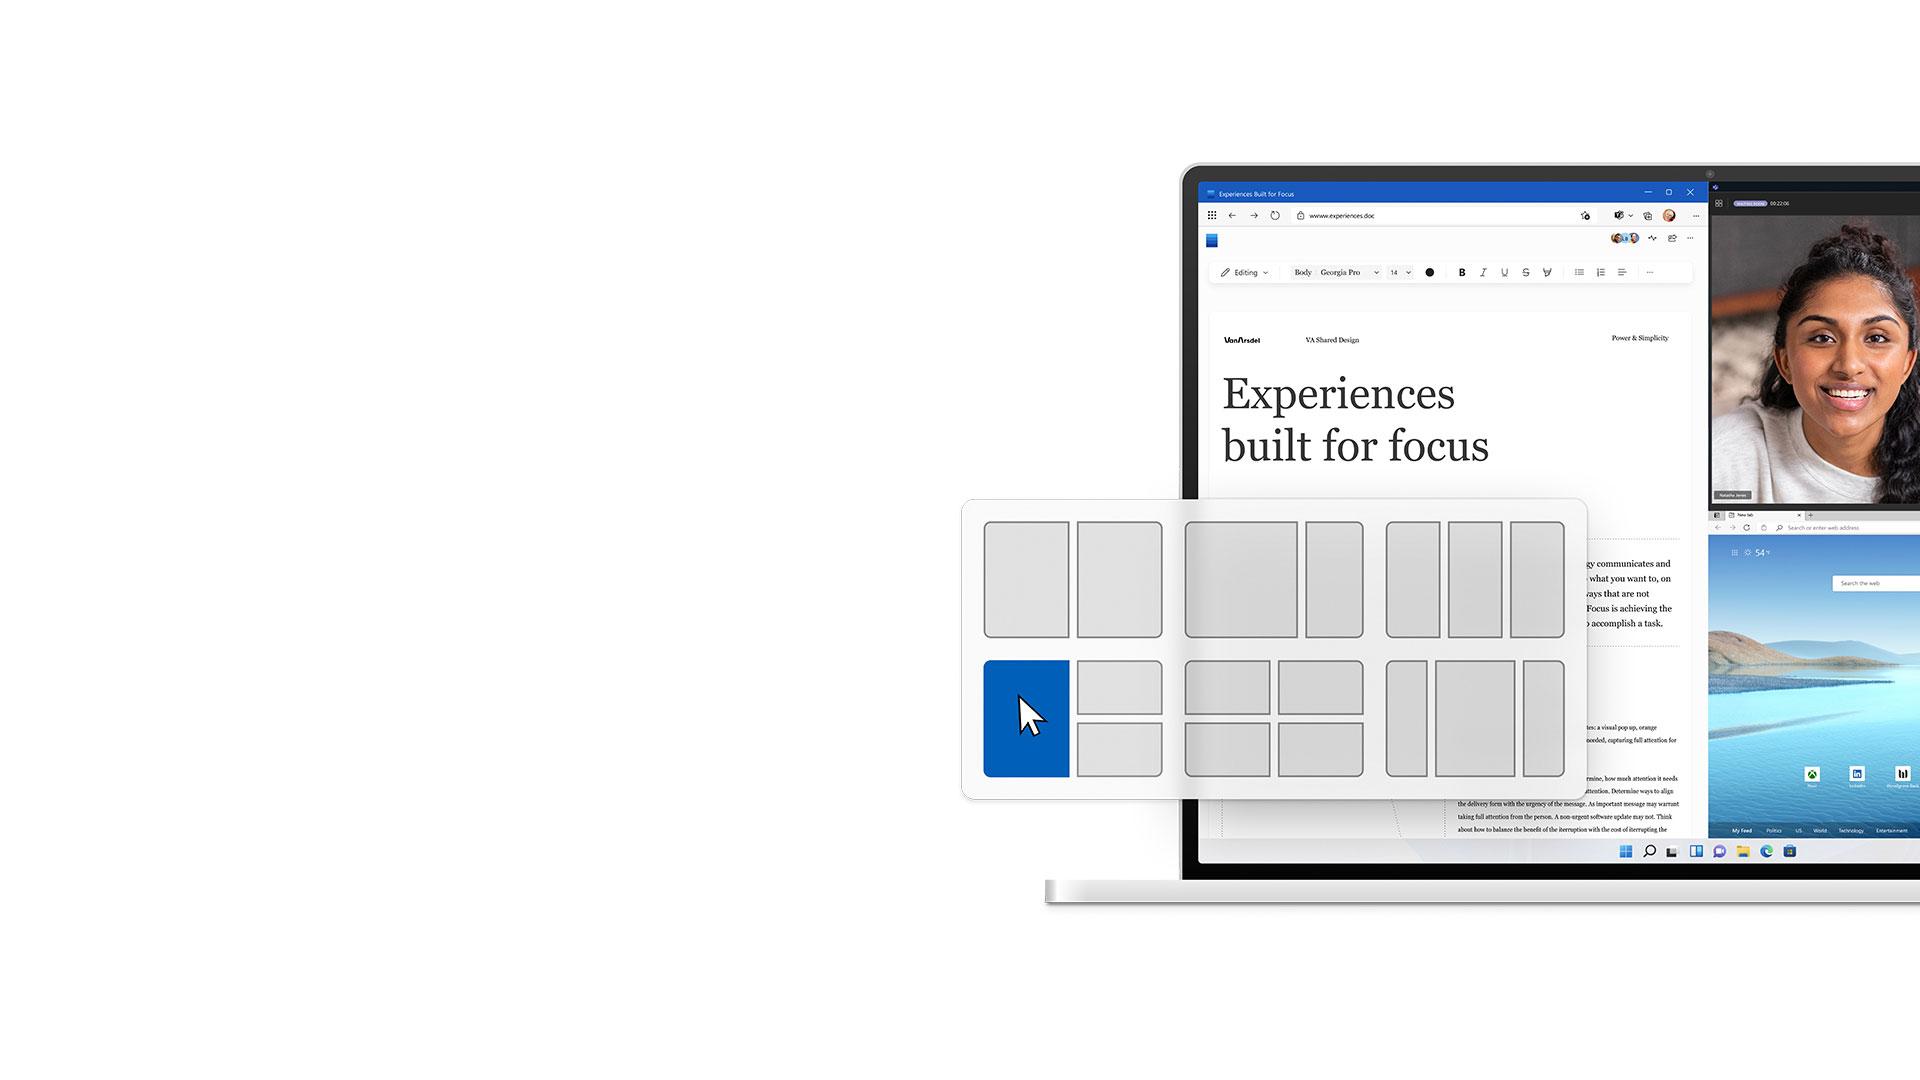 Característica Acoplar de Windows 11 que muestra tres aplicaciones en una pantalla